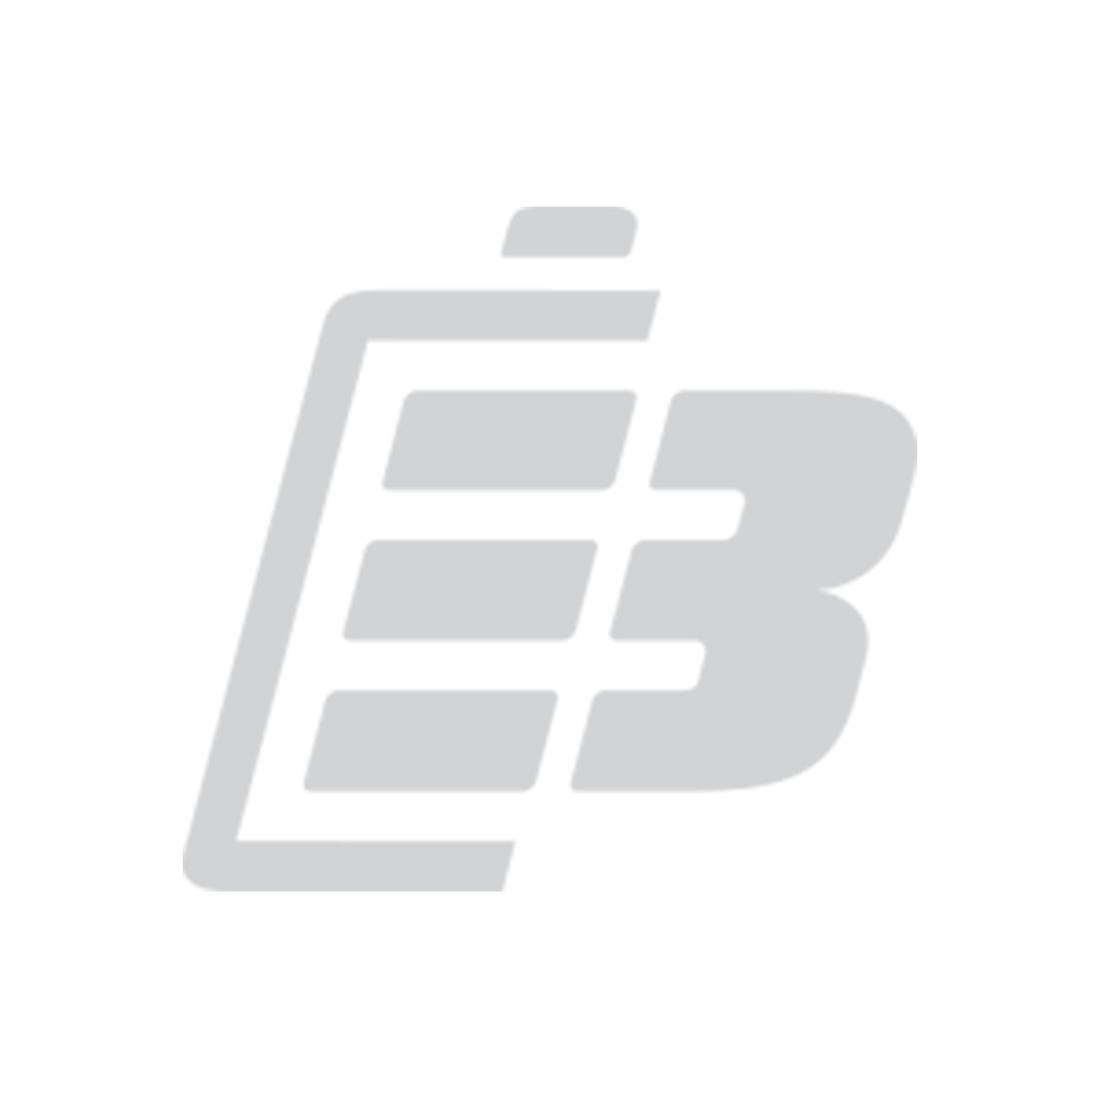 Μπαταρία GPS Garmin Nuvi 300_1